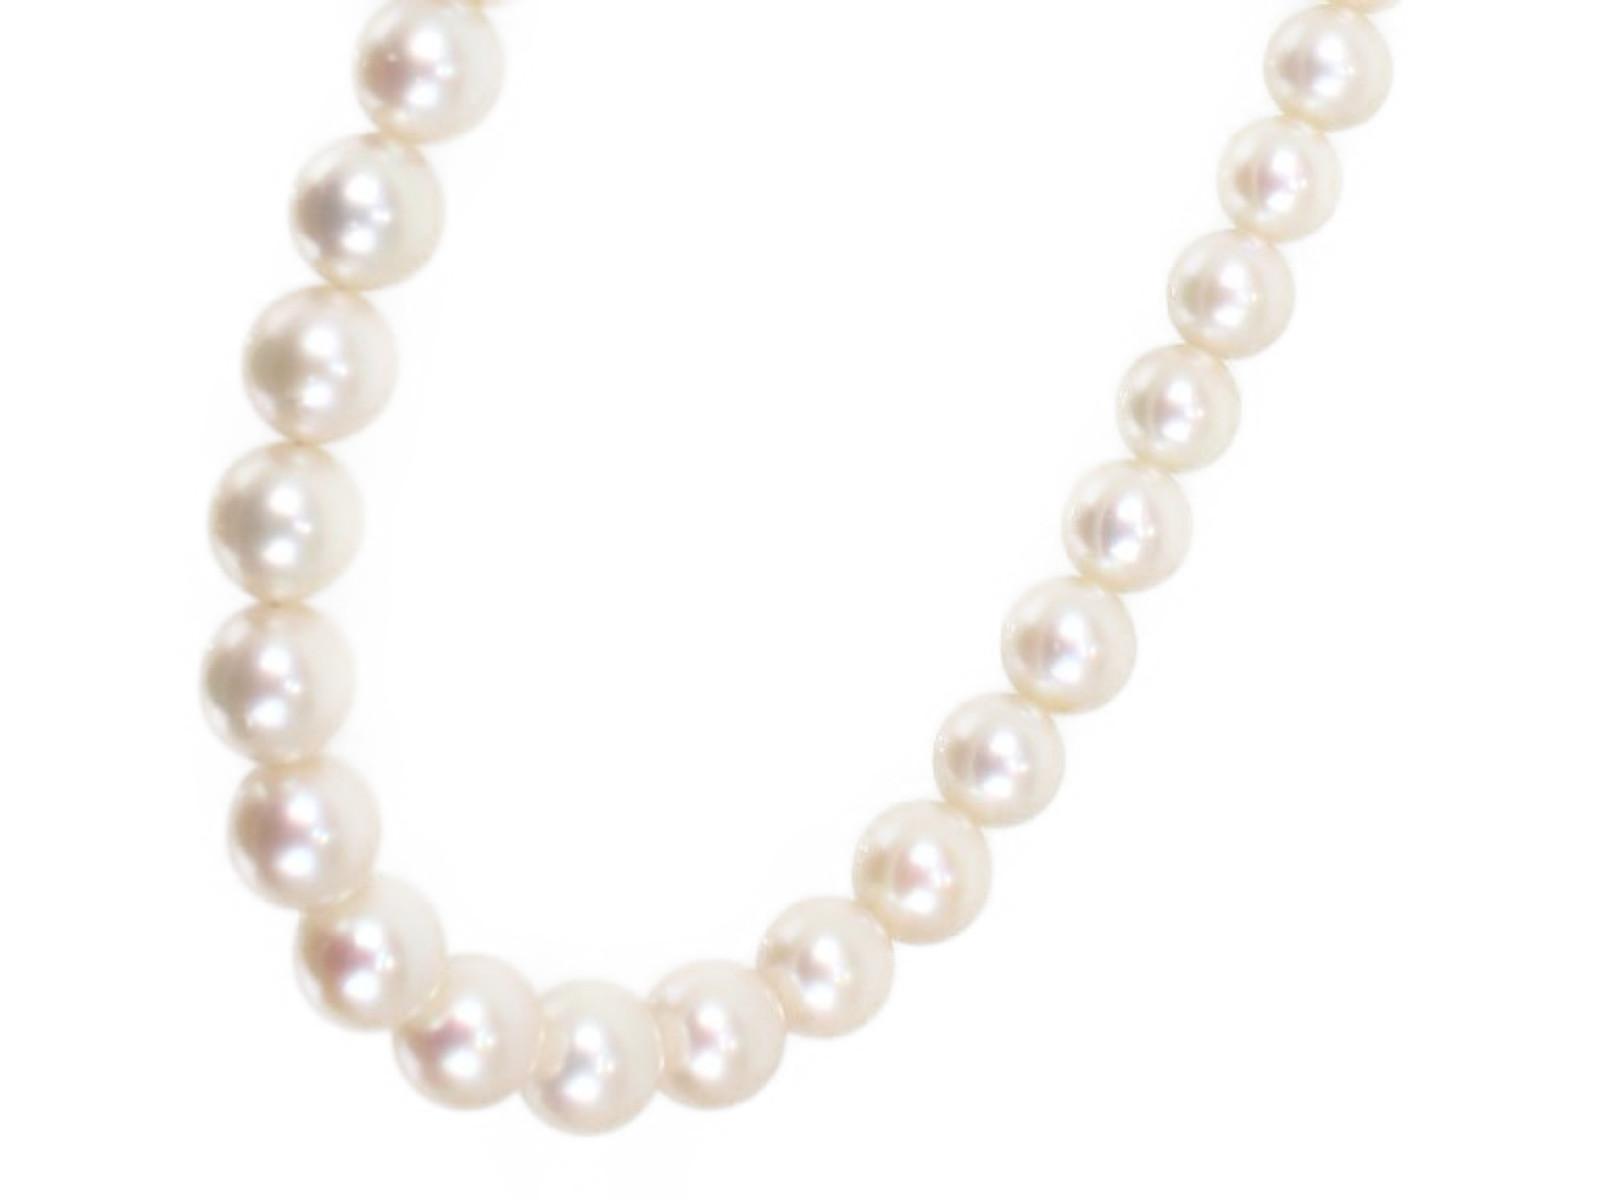 天然真珠ネックレスK14WG 約7.3mm 31.8g 41cm上品 ホワイトパール ギフト包装可【中古】